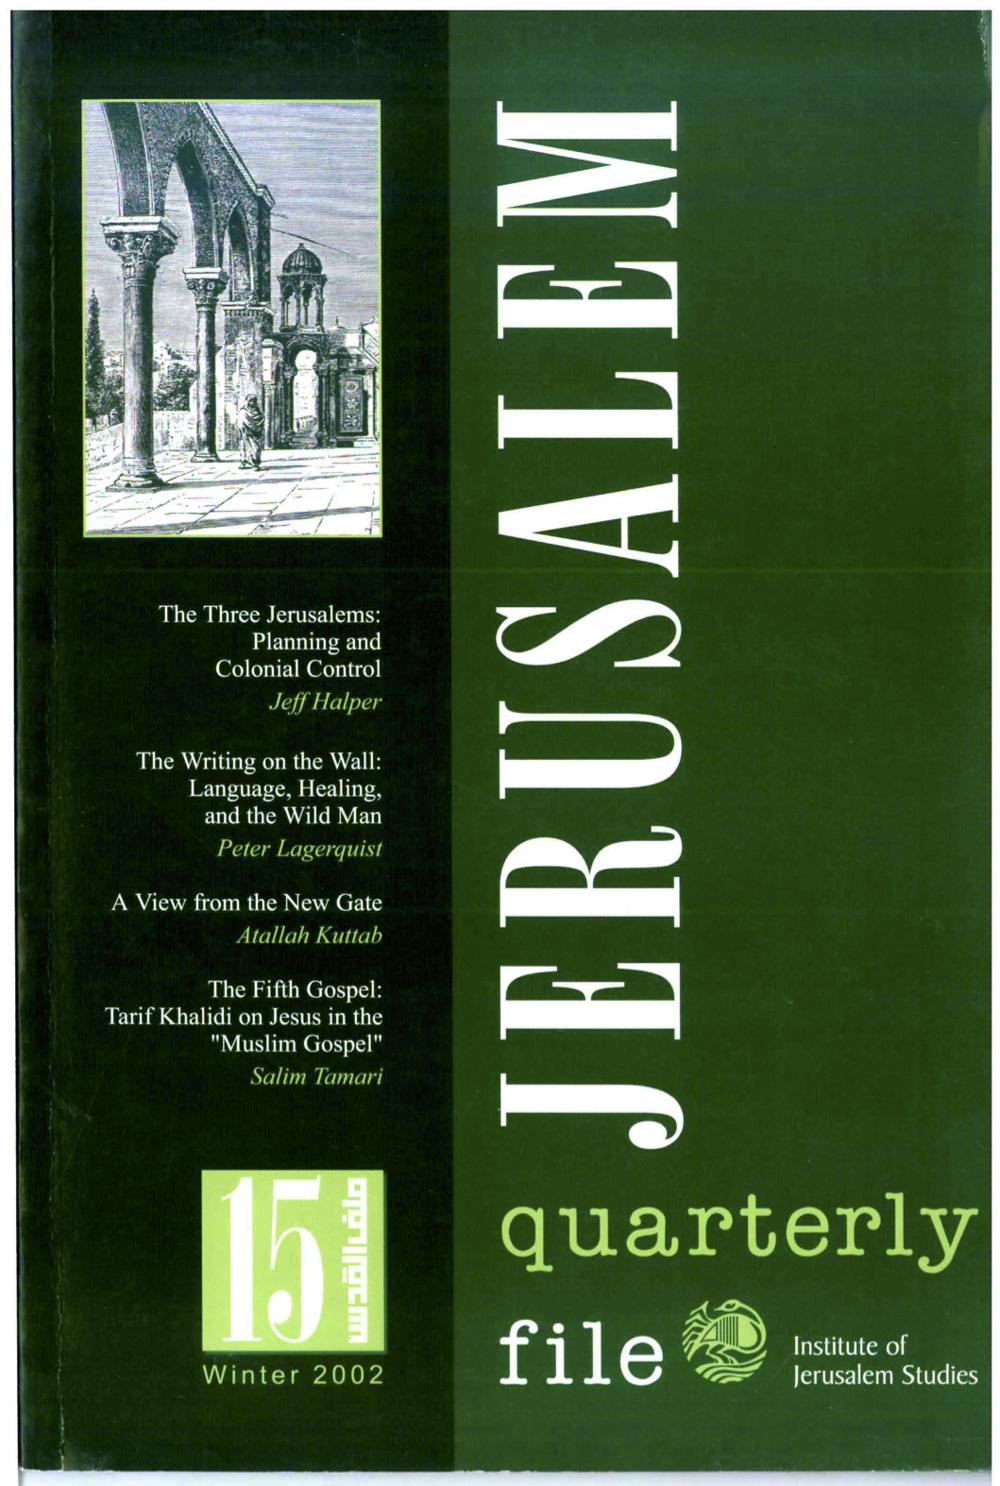 Copy of Copy of JQ 15 - Winter 2002.png